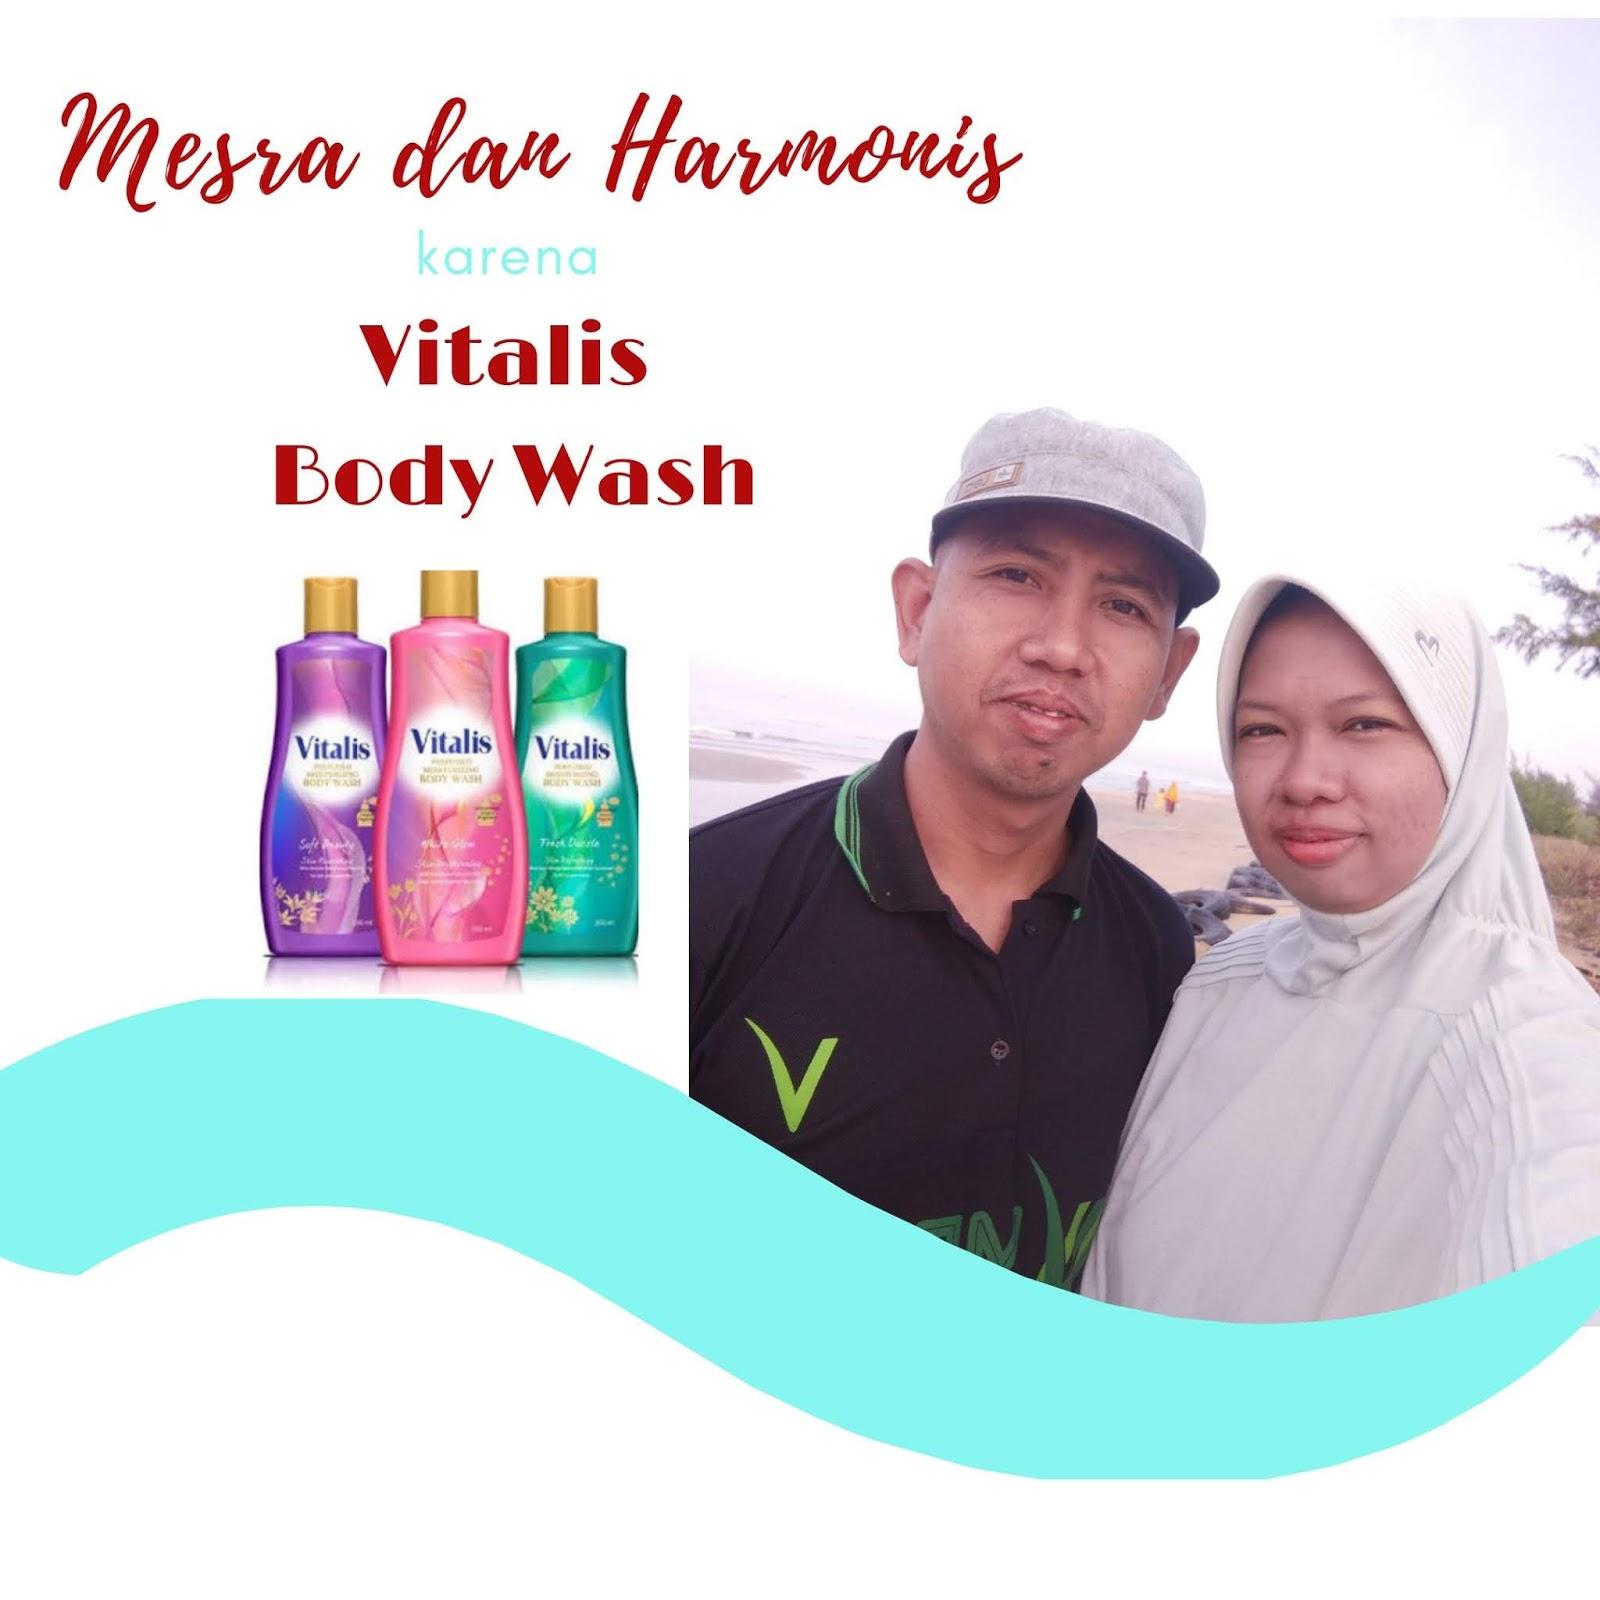 Semakin Mesra dan Harmonis Karena Vitalis Body Wash